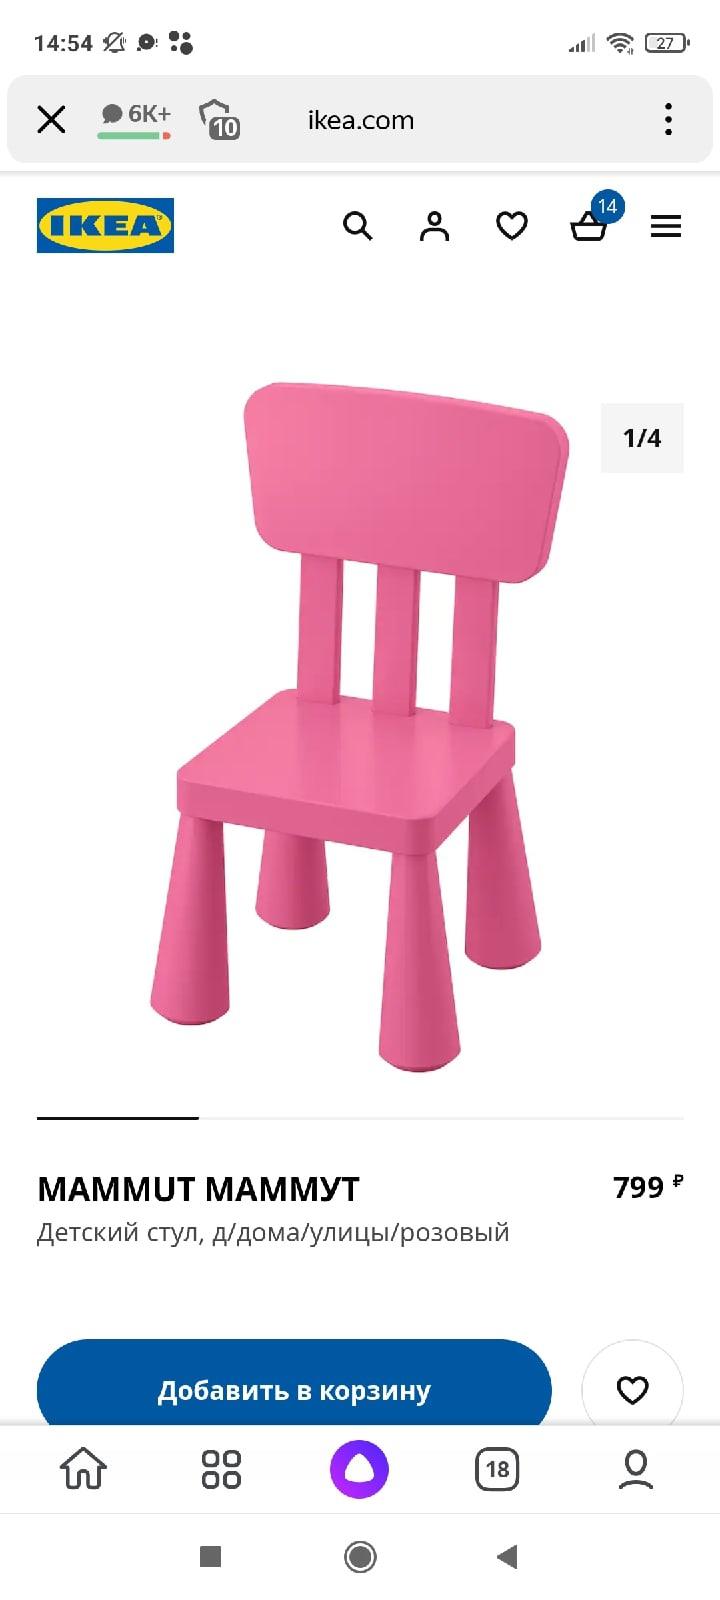 Всем приветПодскажите пожалуйста у кого нибудь есть такая мебель детская из Икея.